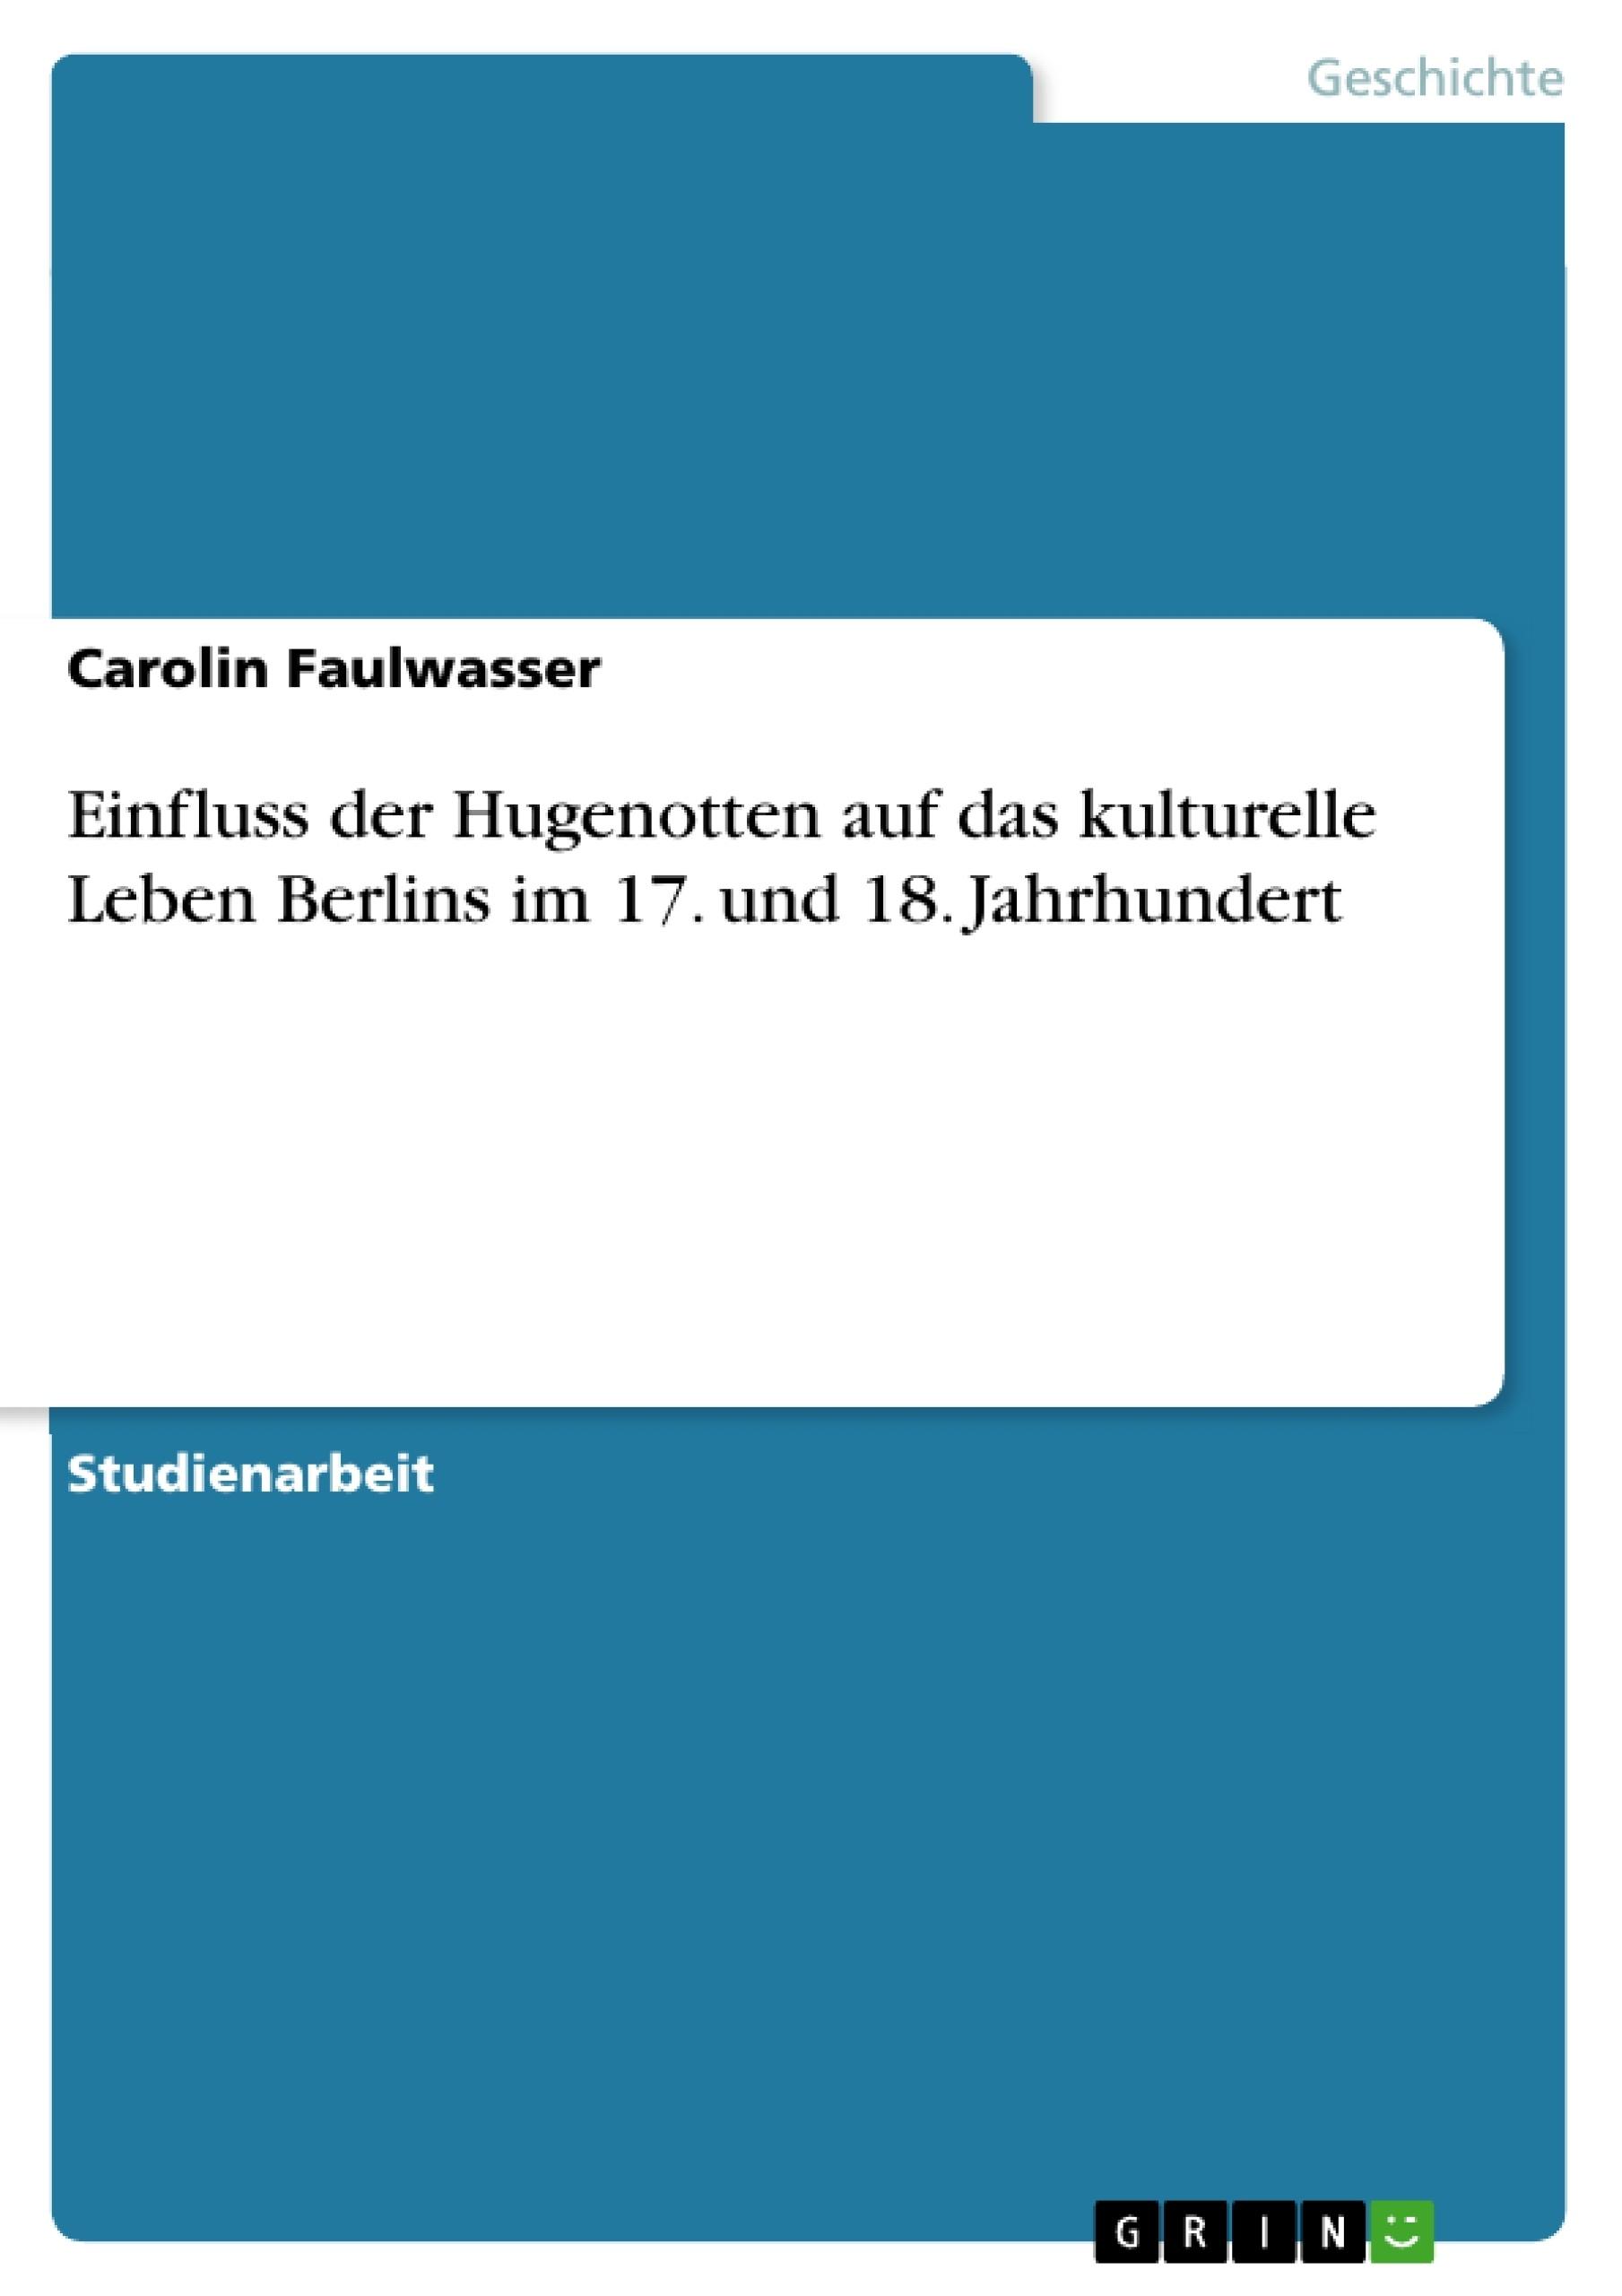 Titel: Einfluss der Hugenotten auf das kulturelle Leben Berlins im 17. und 18. Jahrhundert